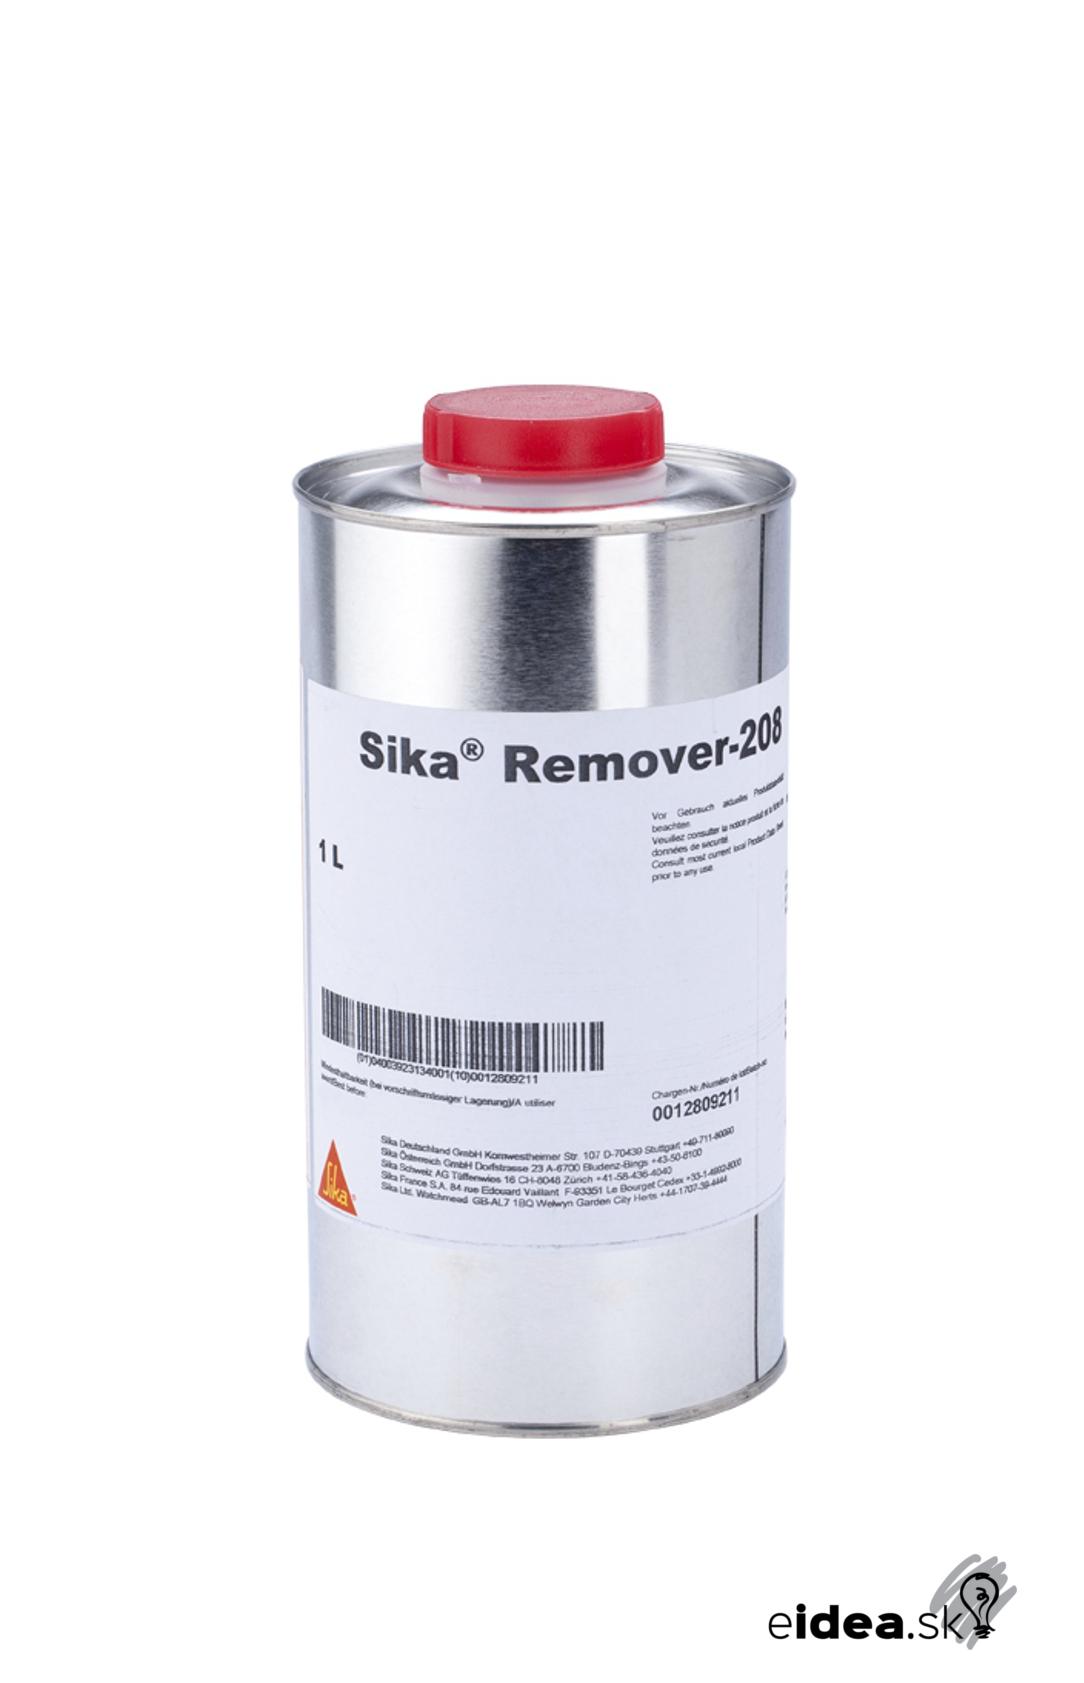 SikaRemover 208